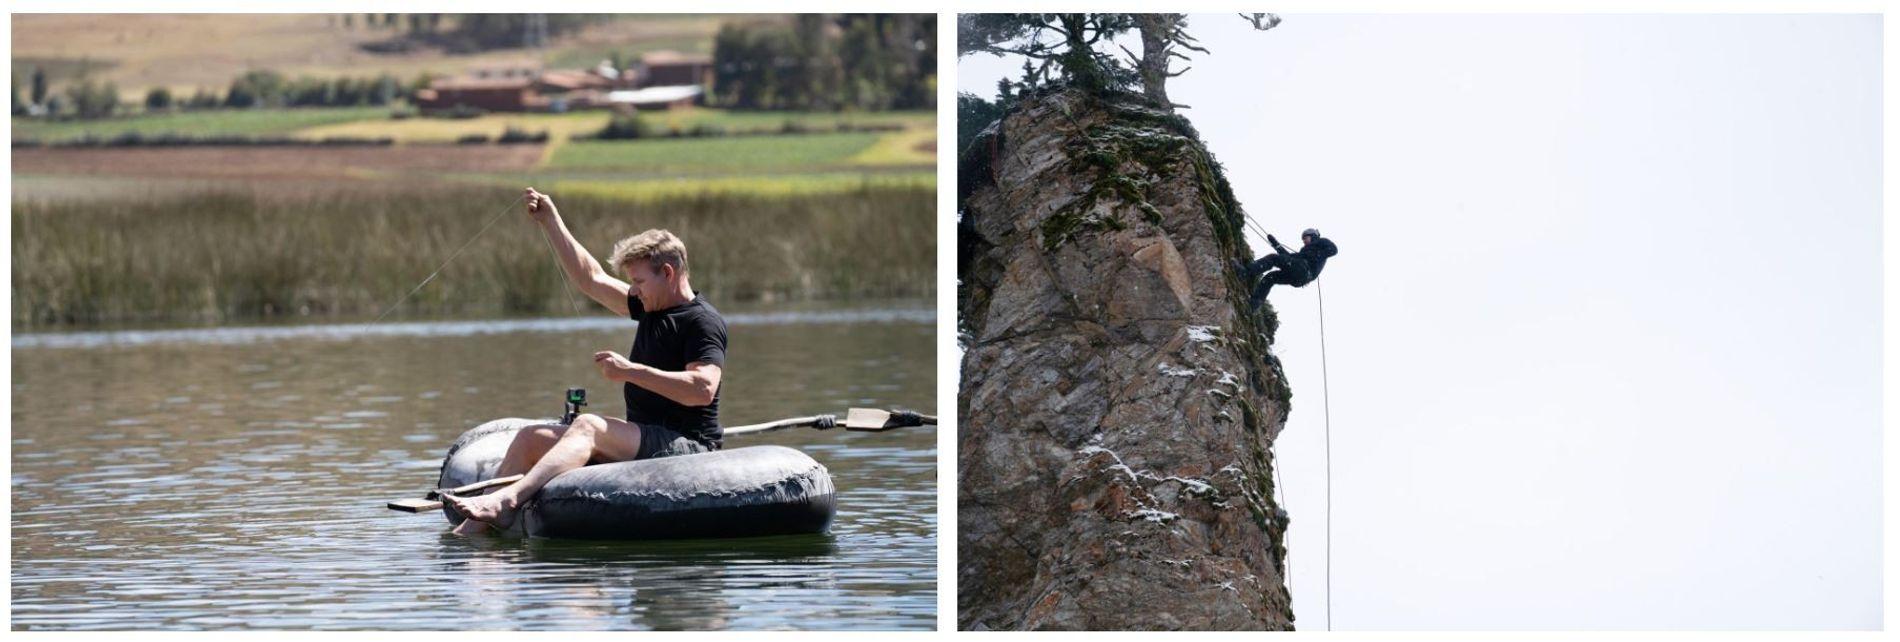 Esquerda: Gordon Ramsay num barco simples, a pescar no lago Huaypo, no Peru. Direita: Depois de um ...